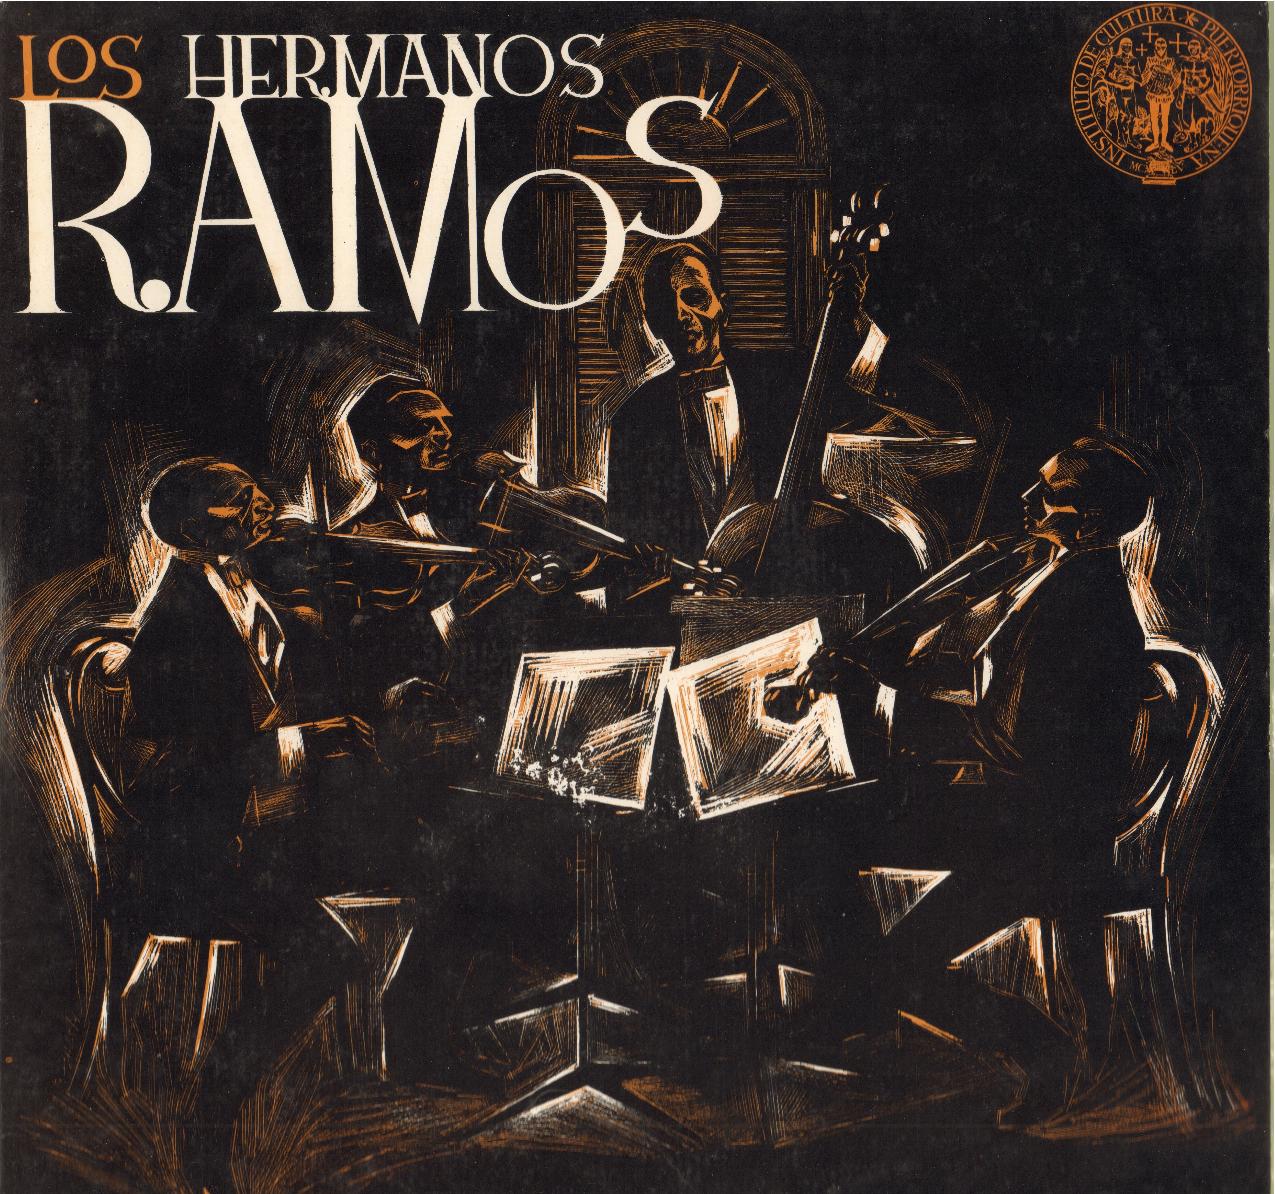 La Música de Los Hermanos Ramos